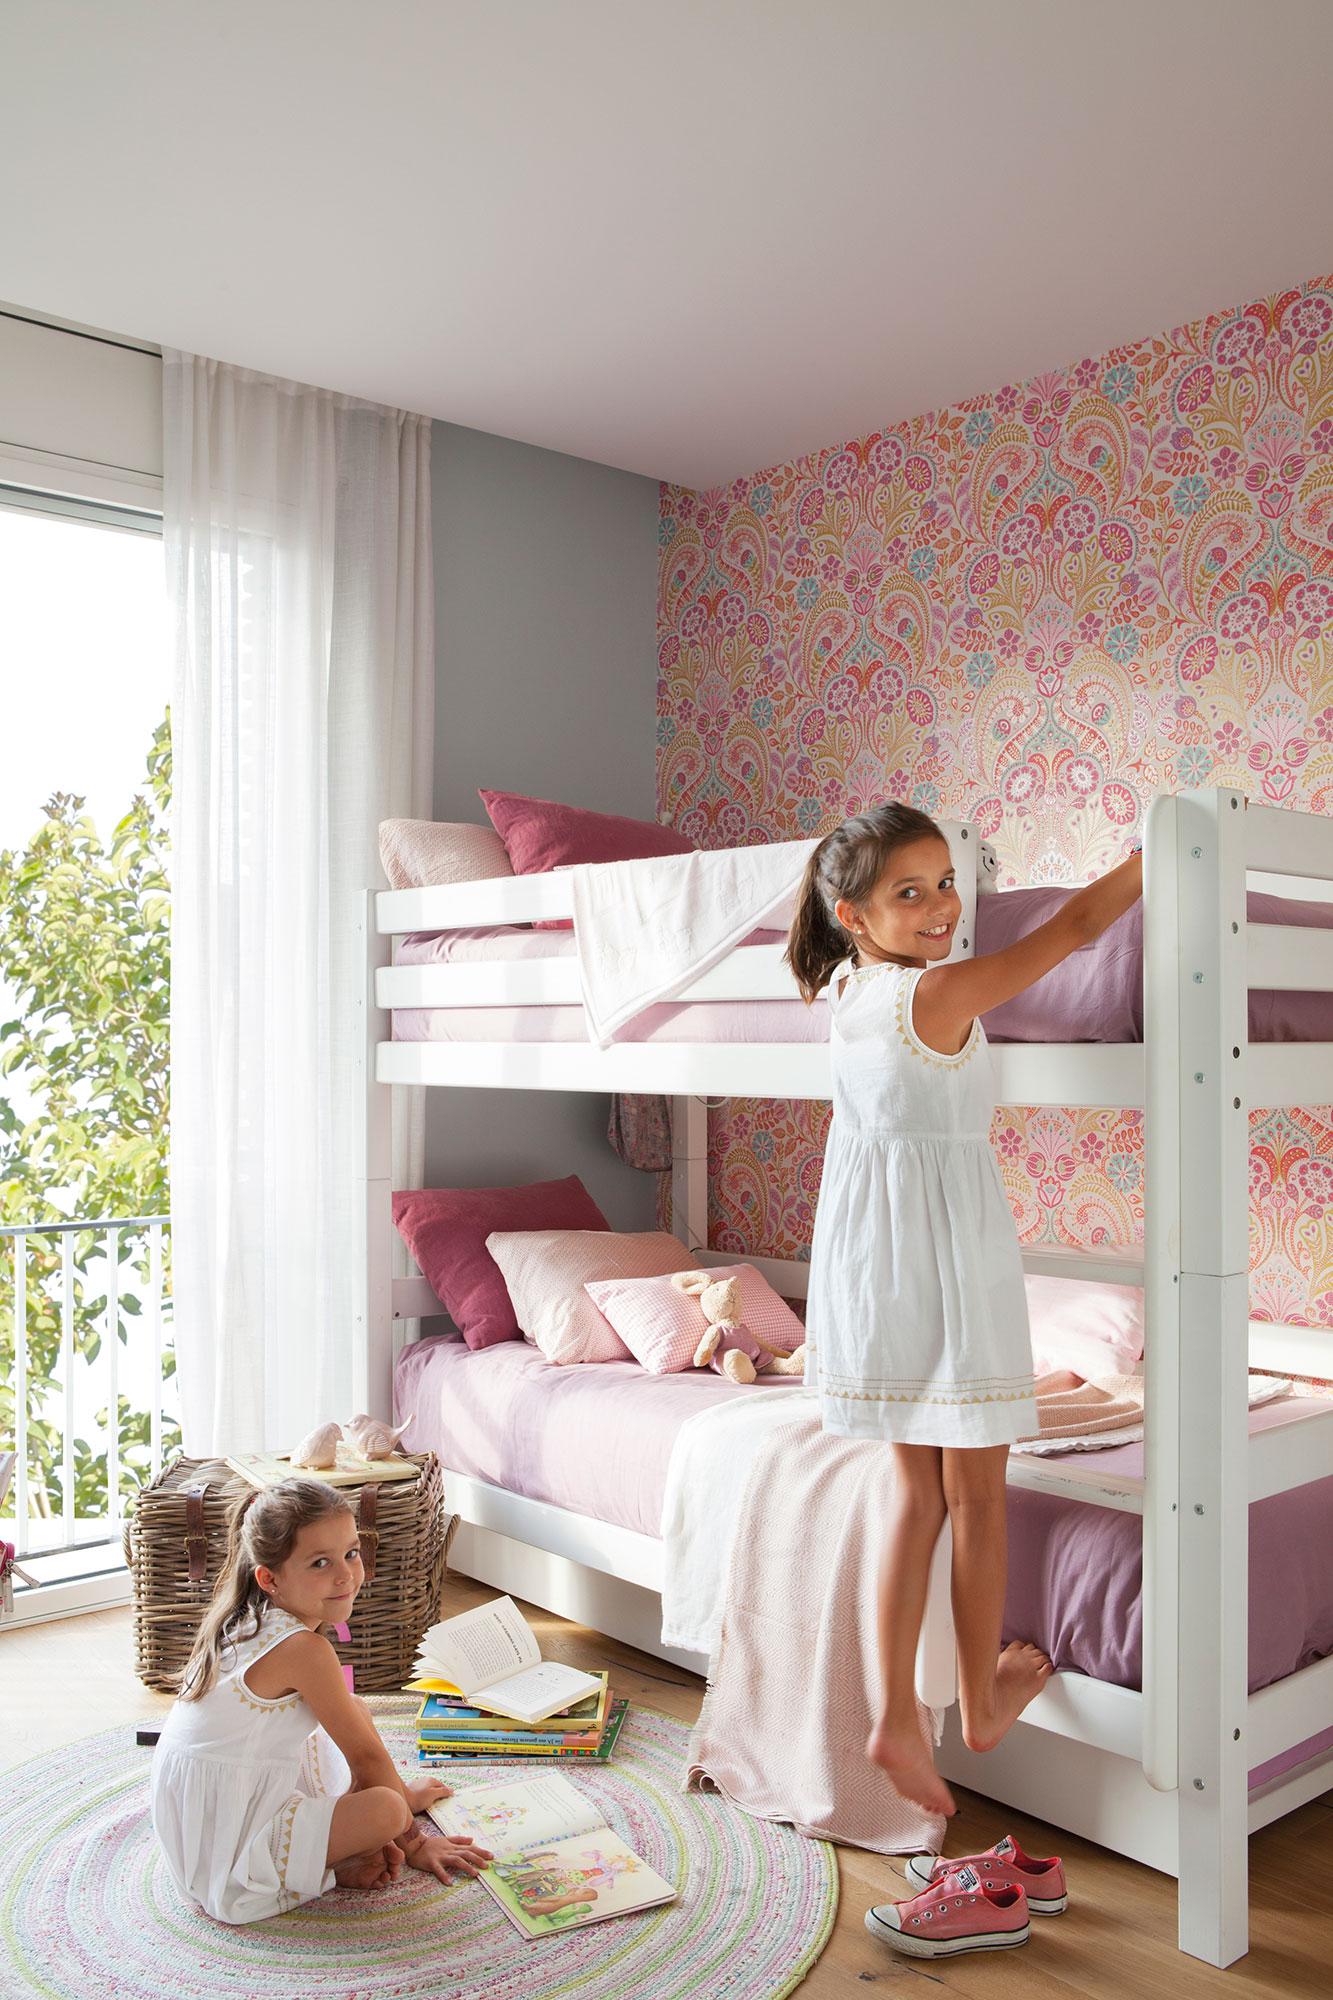 Claves para decorar la habitaci n de los ni os de beb a for Habitaciones para ninas y adolescentes